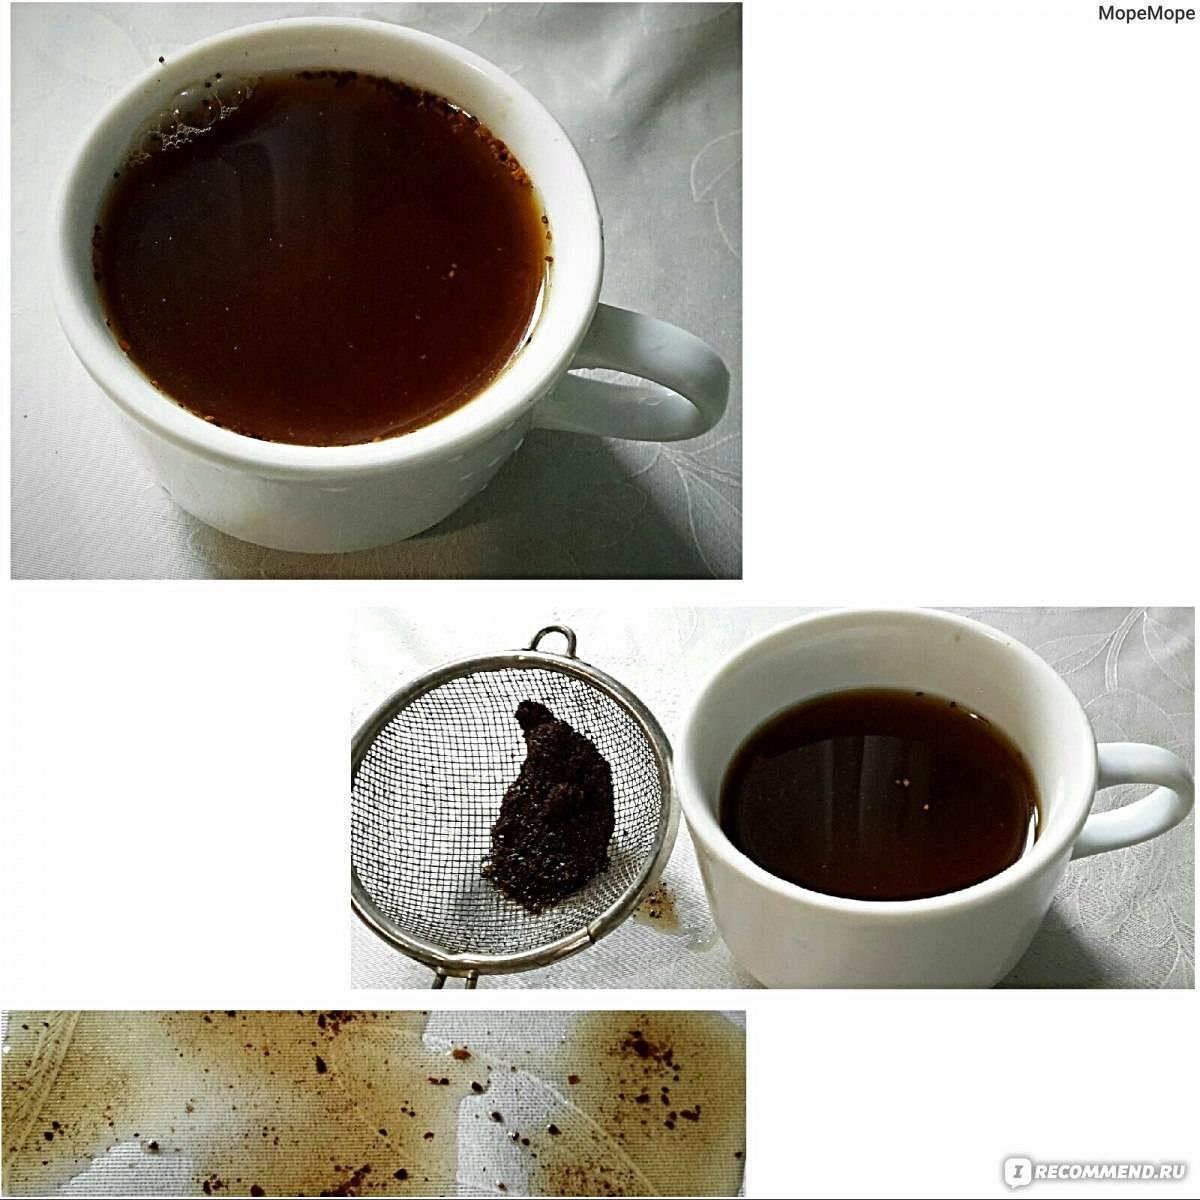 Кофе марки gevalia: из чего делают, что входит в ассортимент бренда